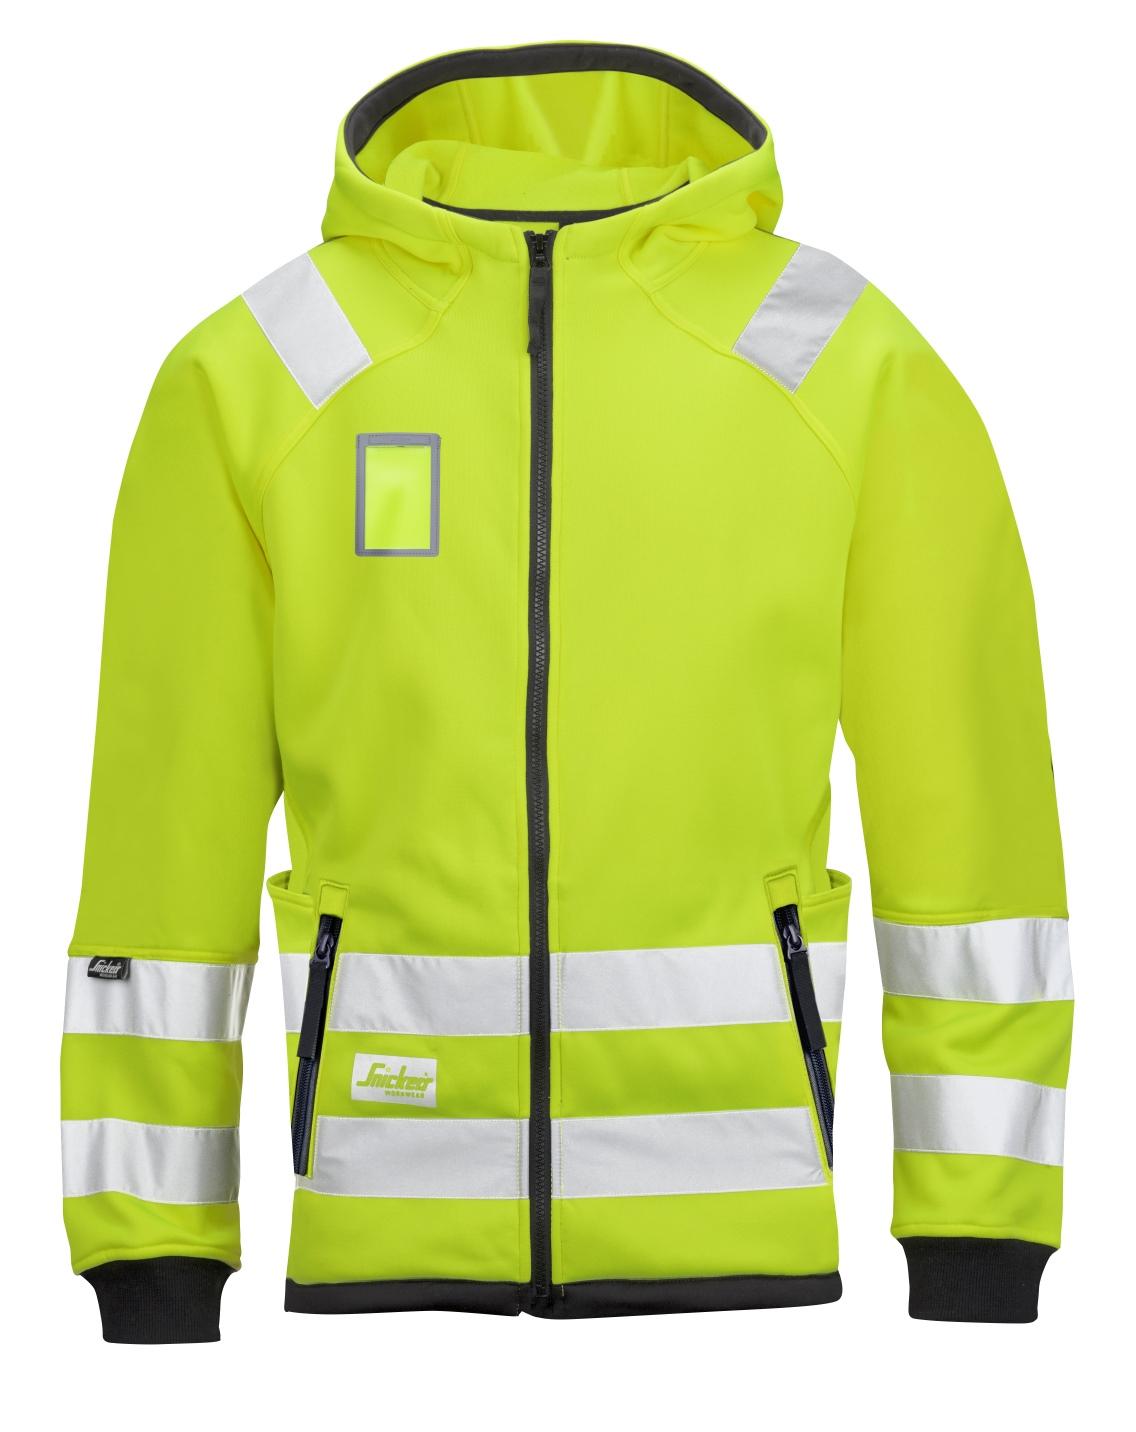 8043 Snickers Workwear hettejakke highvis